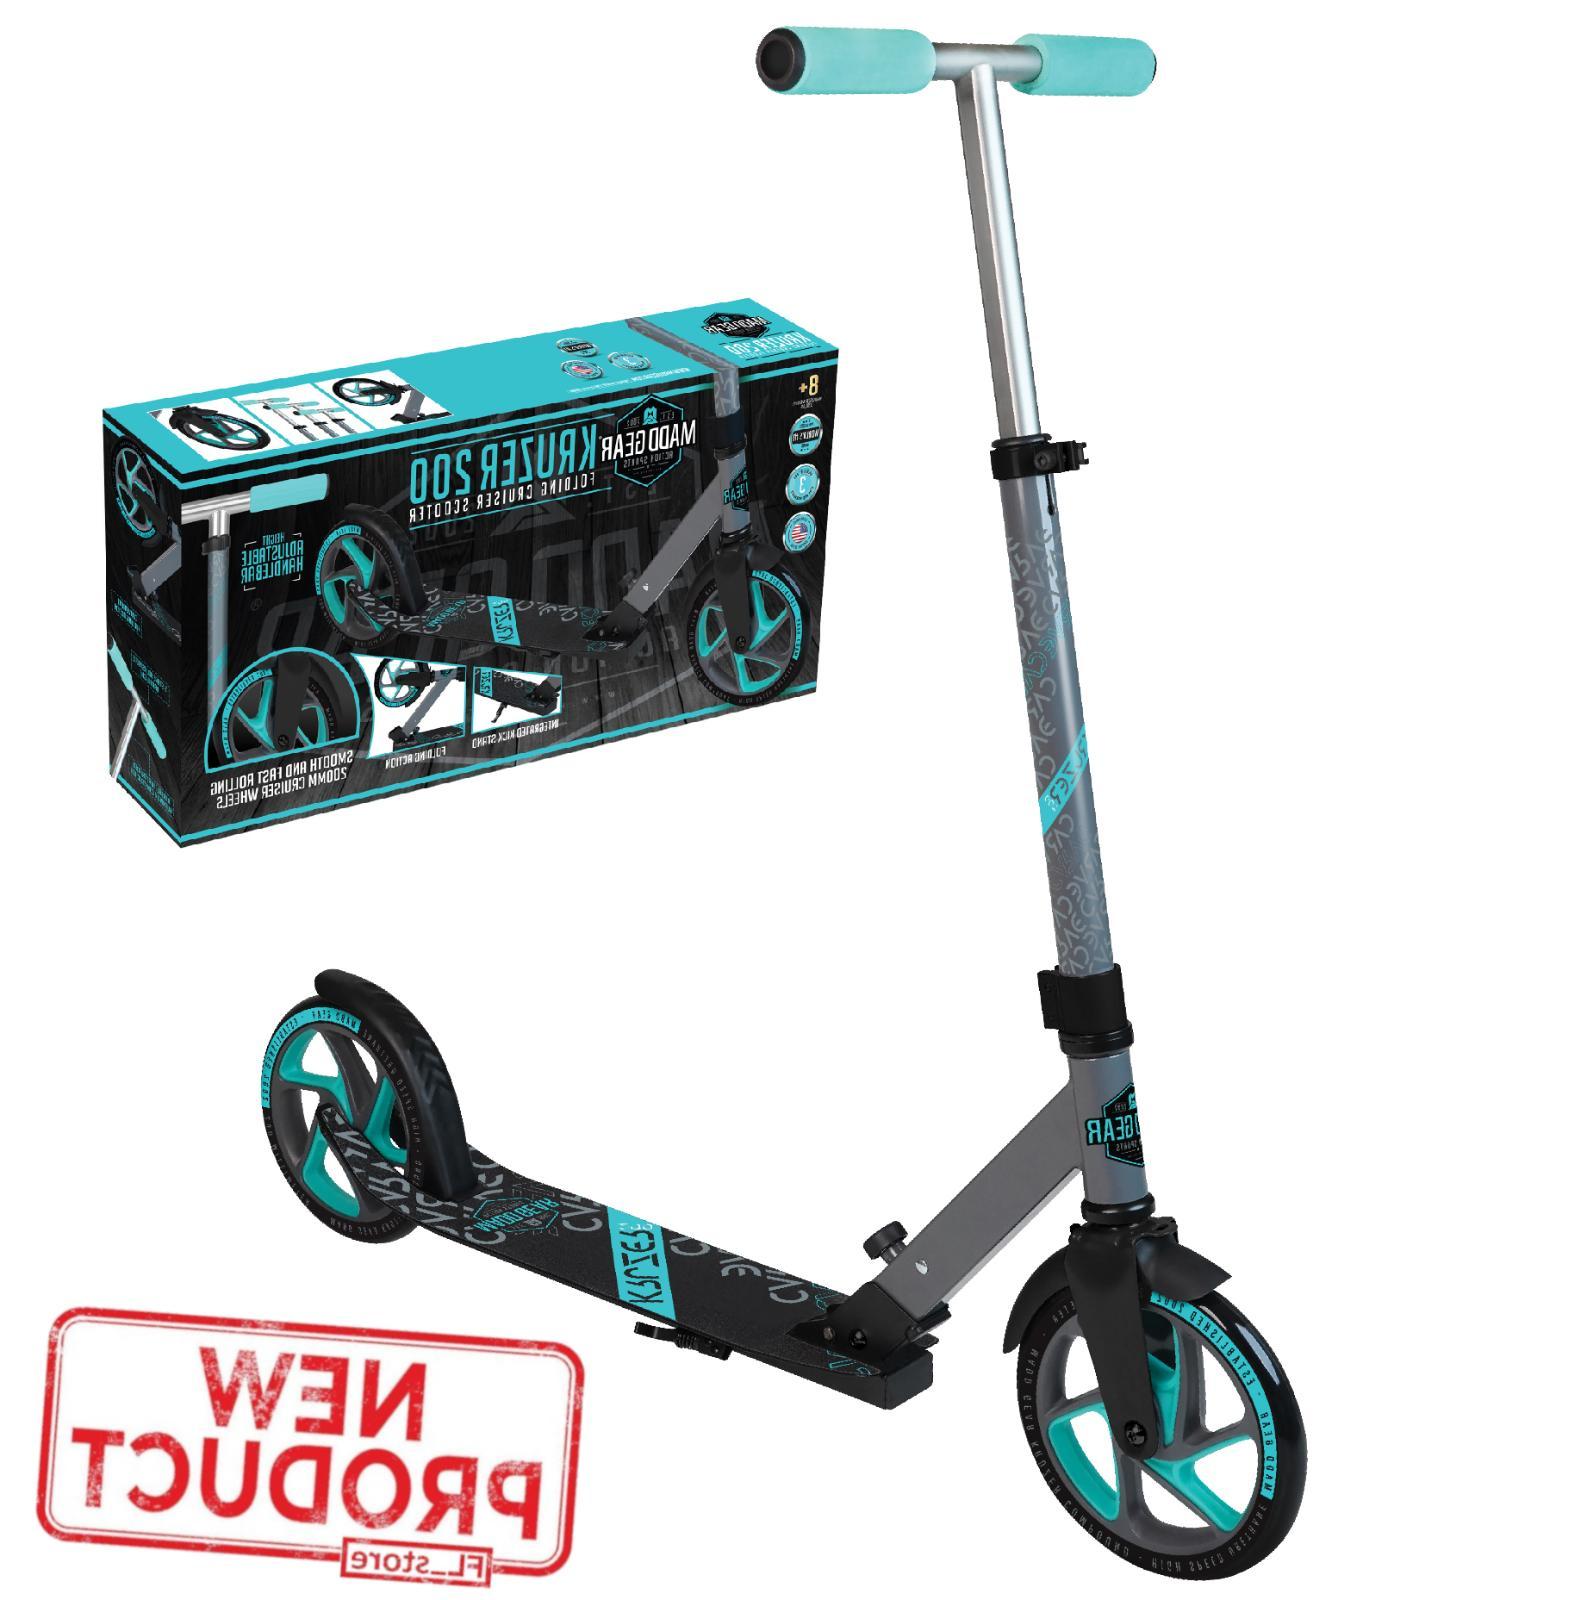 kick scooter wheel kickstand adults kids teens